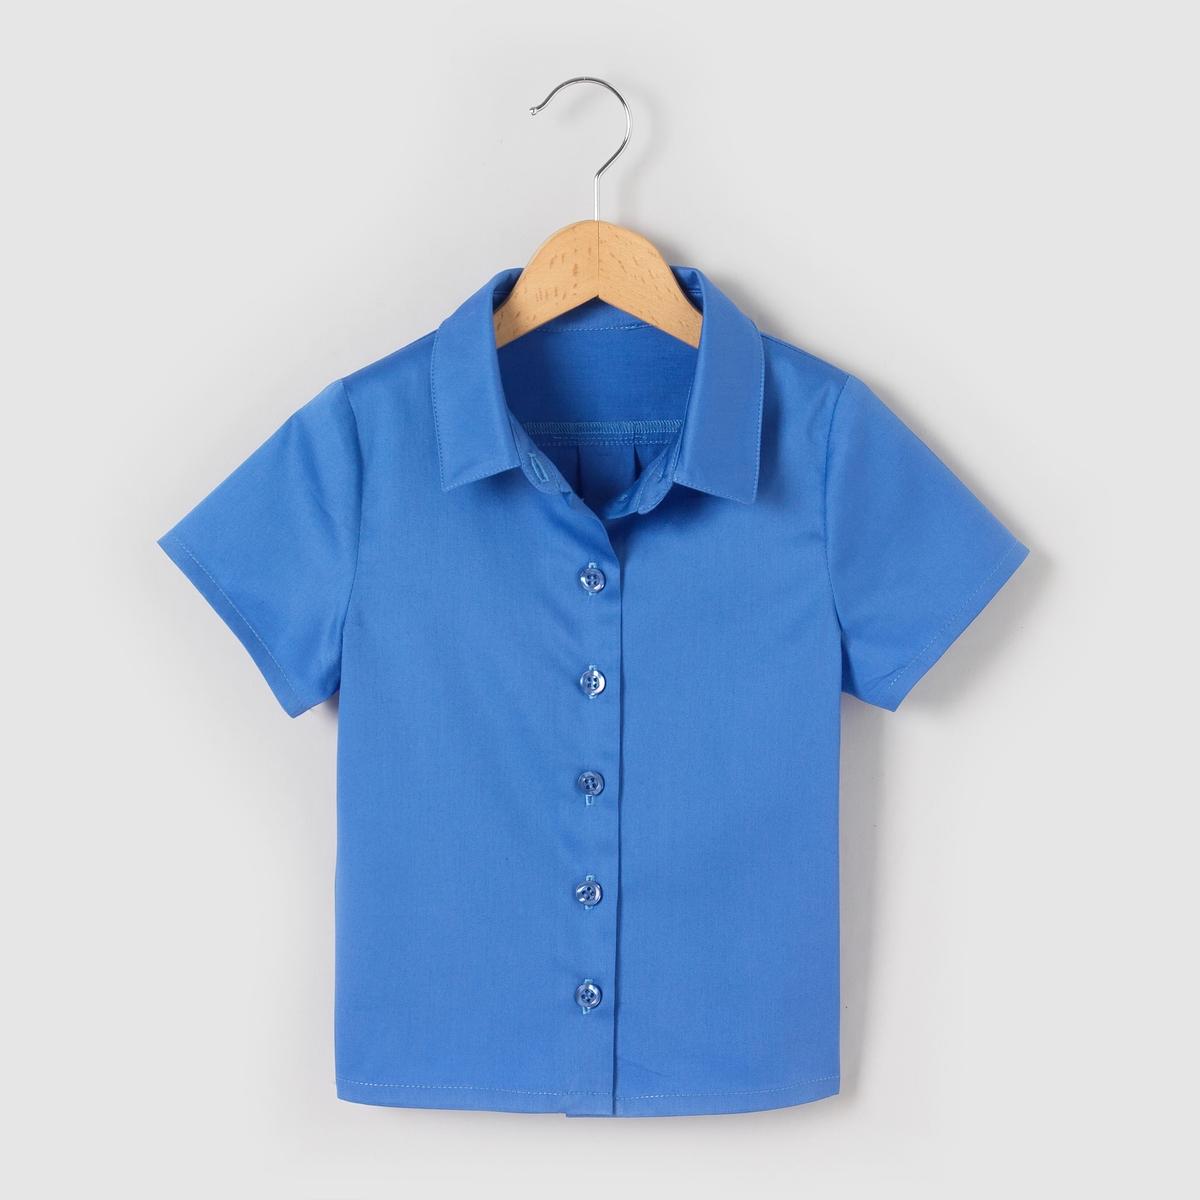 Рубашка с короткими рукавами для 3-12 летРубашка с короткими рукавами . 97 % хлопка, 3% эластана. На пуговицах спереди . Рубашечный воротник .<br><br>Цвет: набивной рисунок,синий<br>Размер: 8 лет - 126 см.8 лет - 126 см